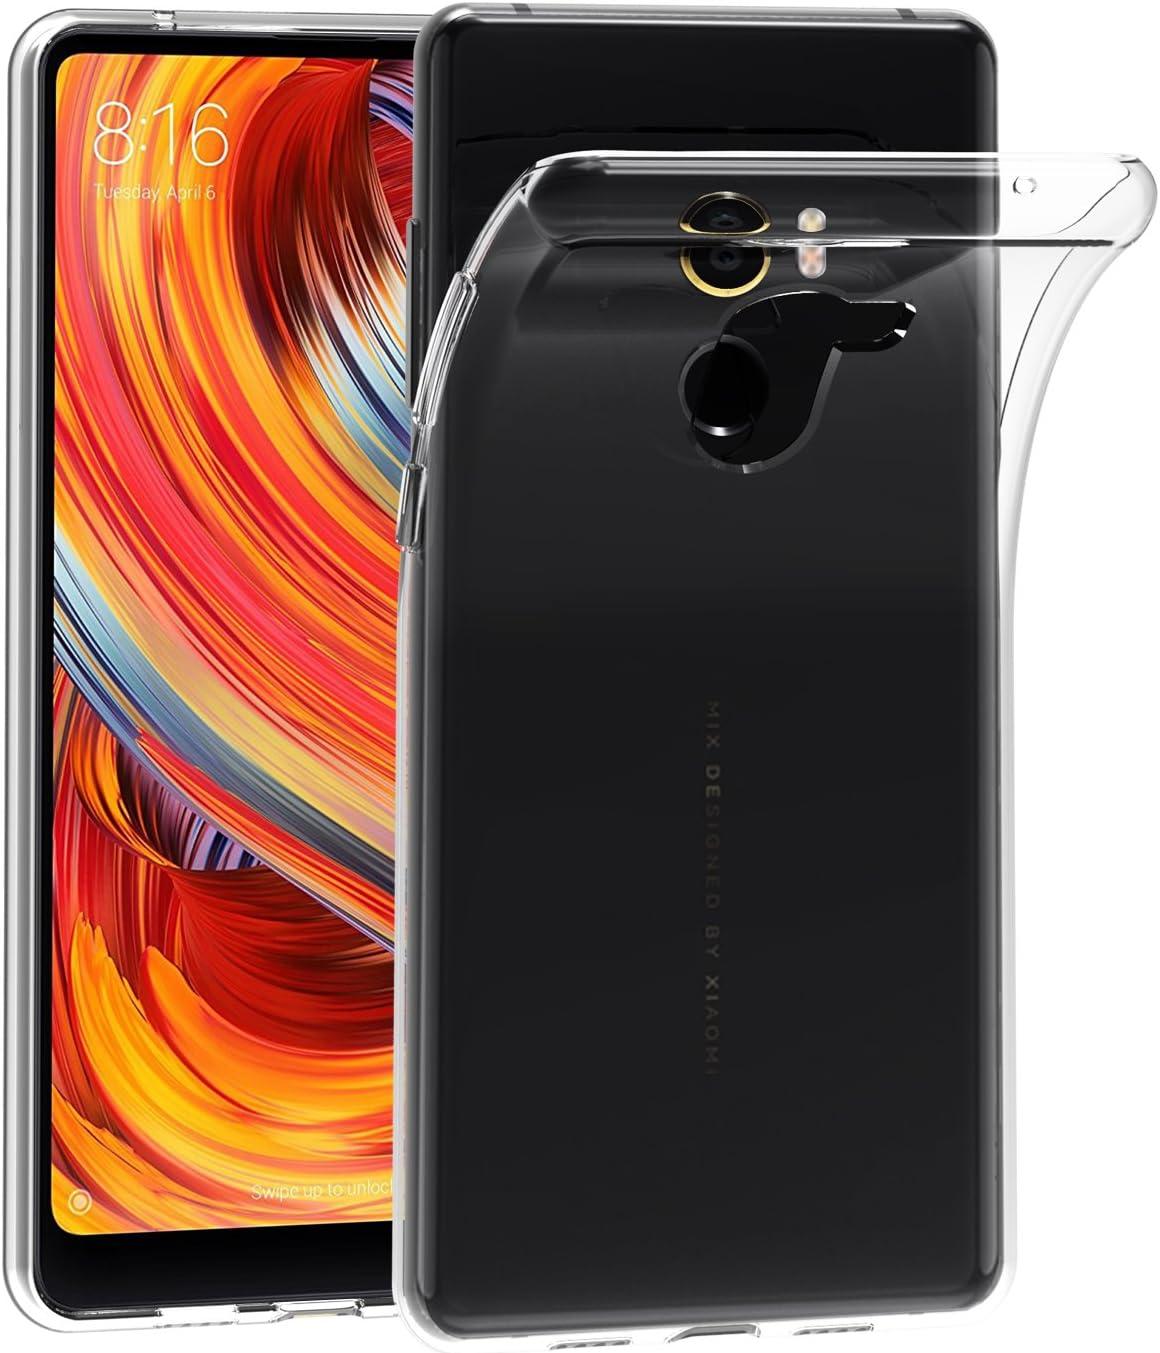 ivoler Funda Carcasa Gel Transparente para Xiaomi Mi Mix 2, Ultra Fina 0,33mm, Silicona TPU de Alta Resistencia y Flexibilidad